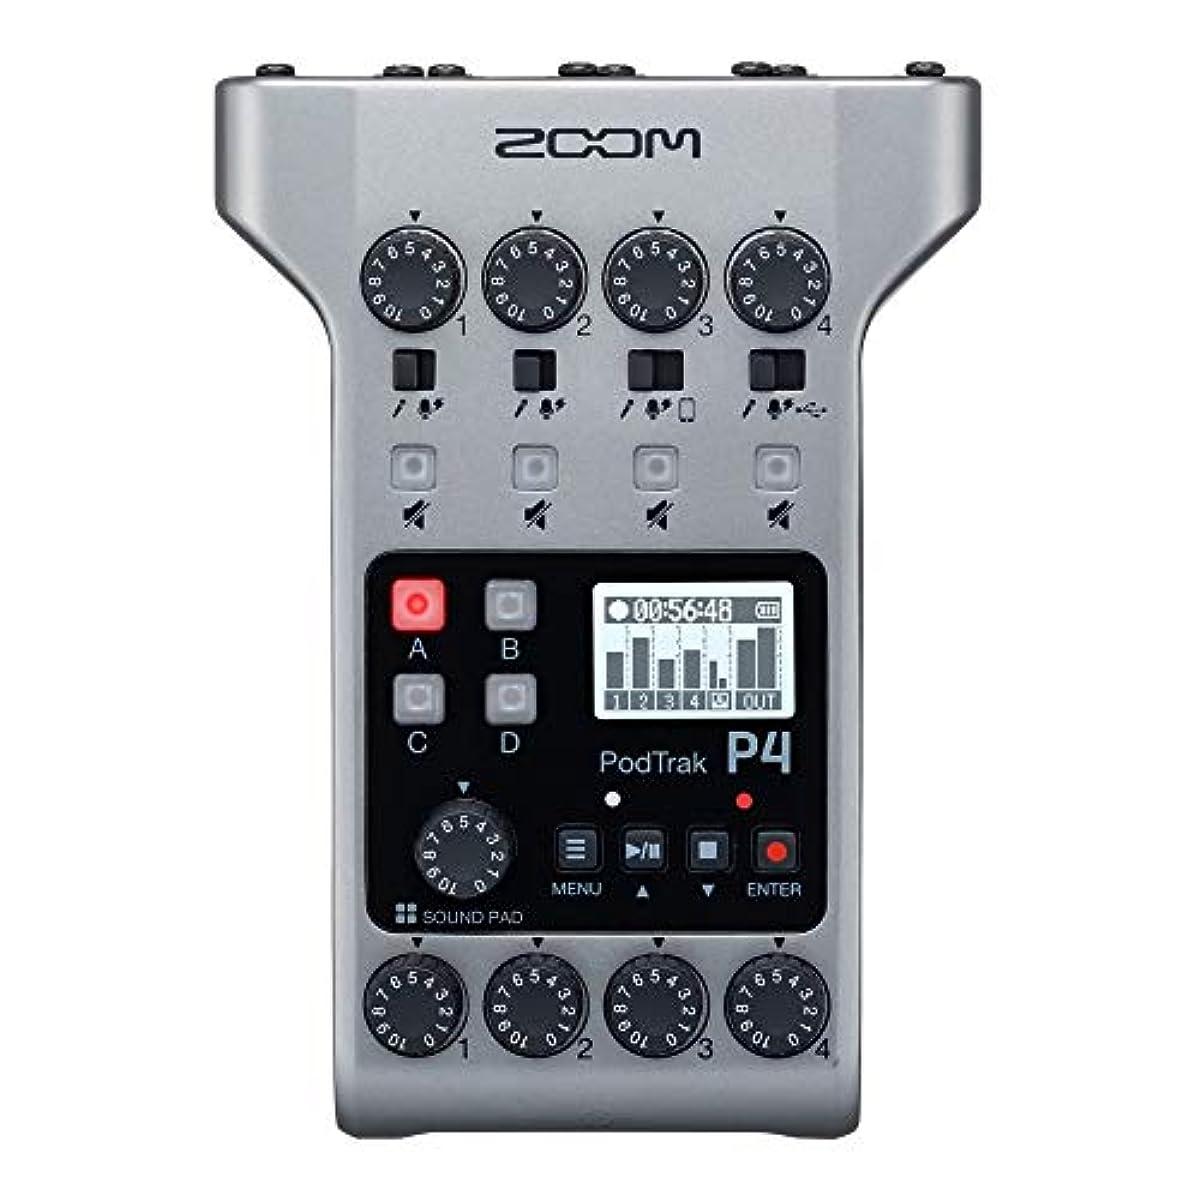 [해외] ZOOM 줌 4마이크 입력,4헤드폰 출력,4트럭동그린,폰 내엠보싱 가능한 사운드 패드 부착,팟캐스트 수그린&라이브 배신용 레코더 PODTRAK P4